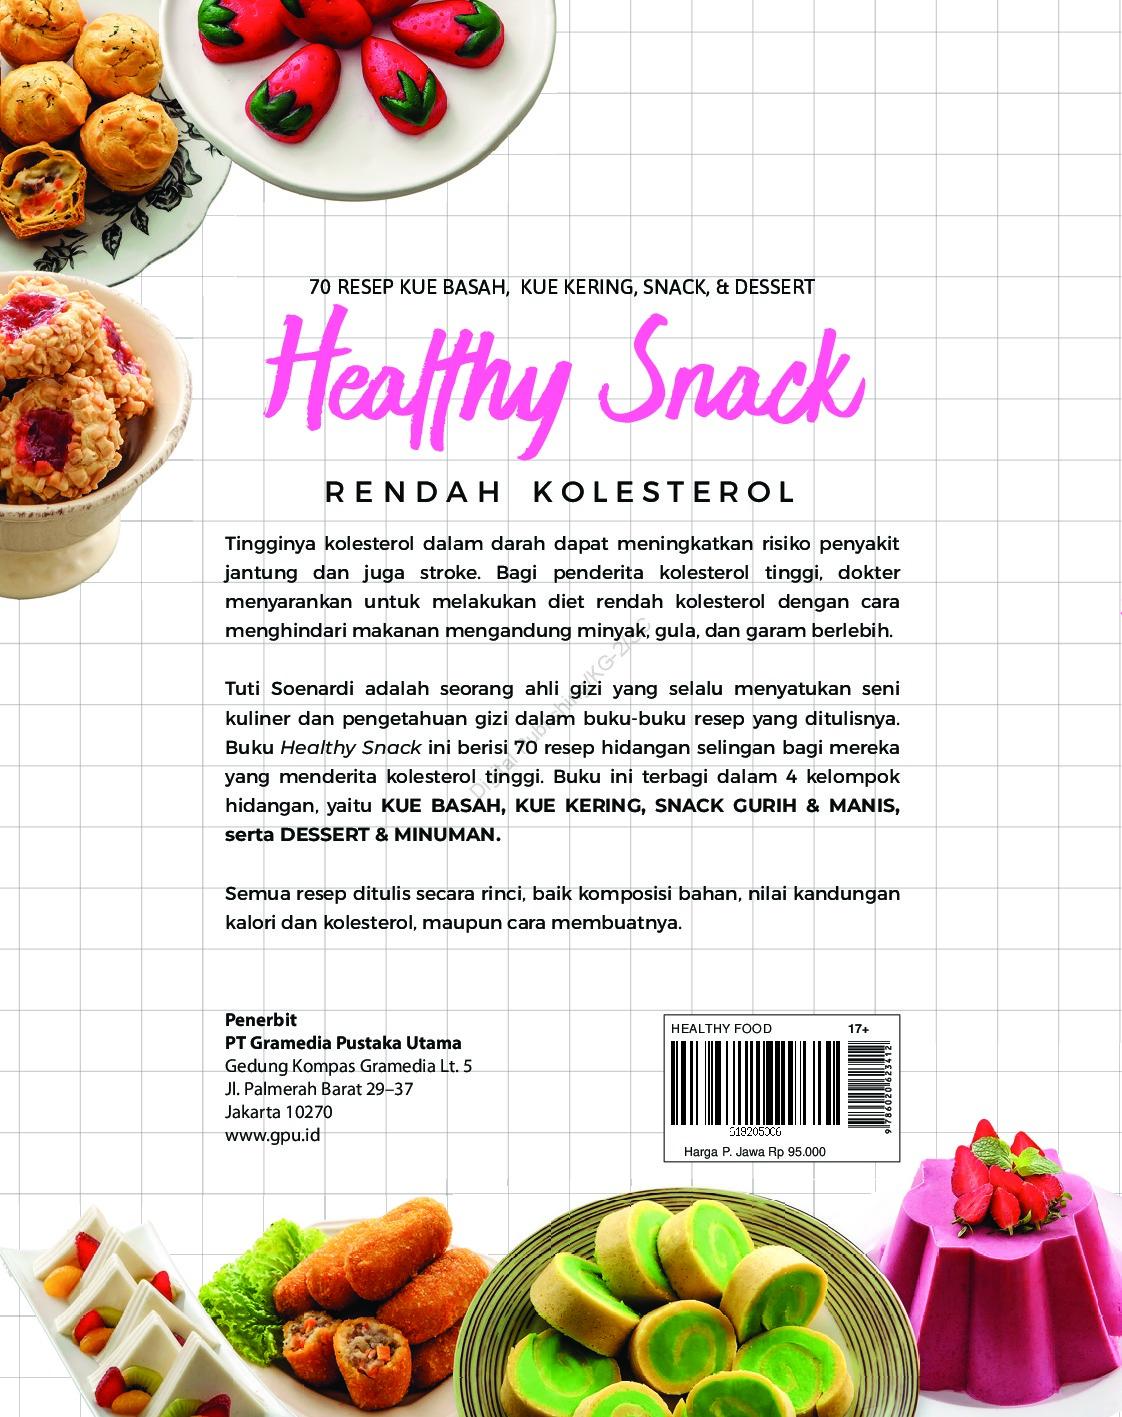 Jual Buku Healthy Snack Rendah Kolesterol Oleh Tuti Soenardi